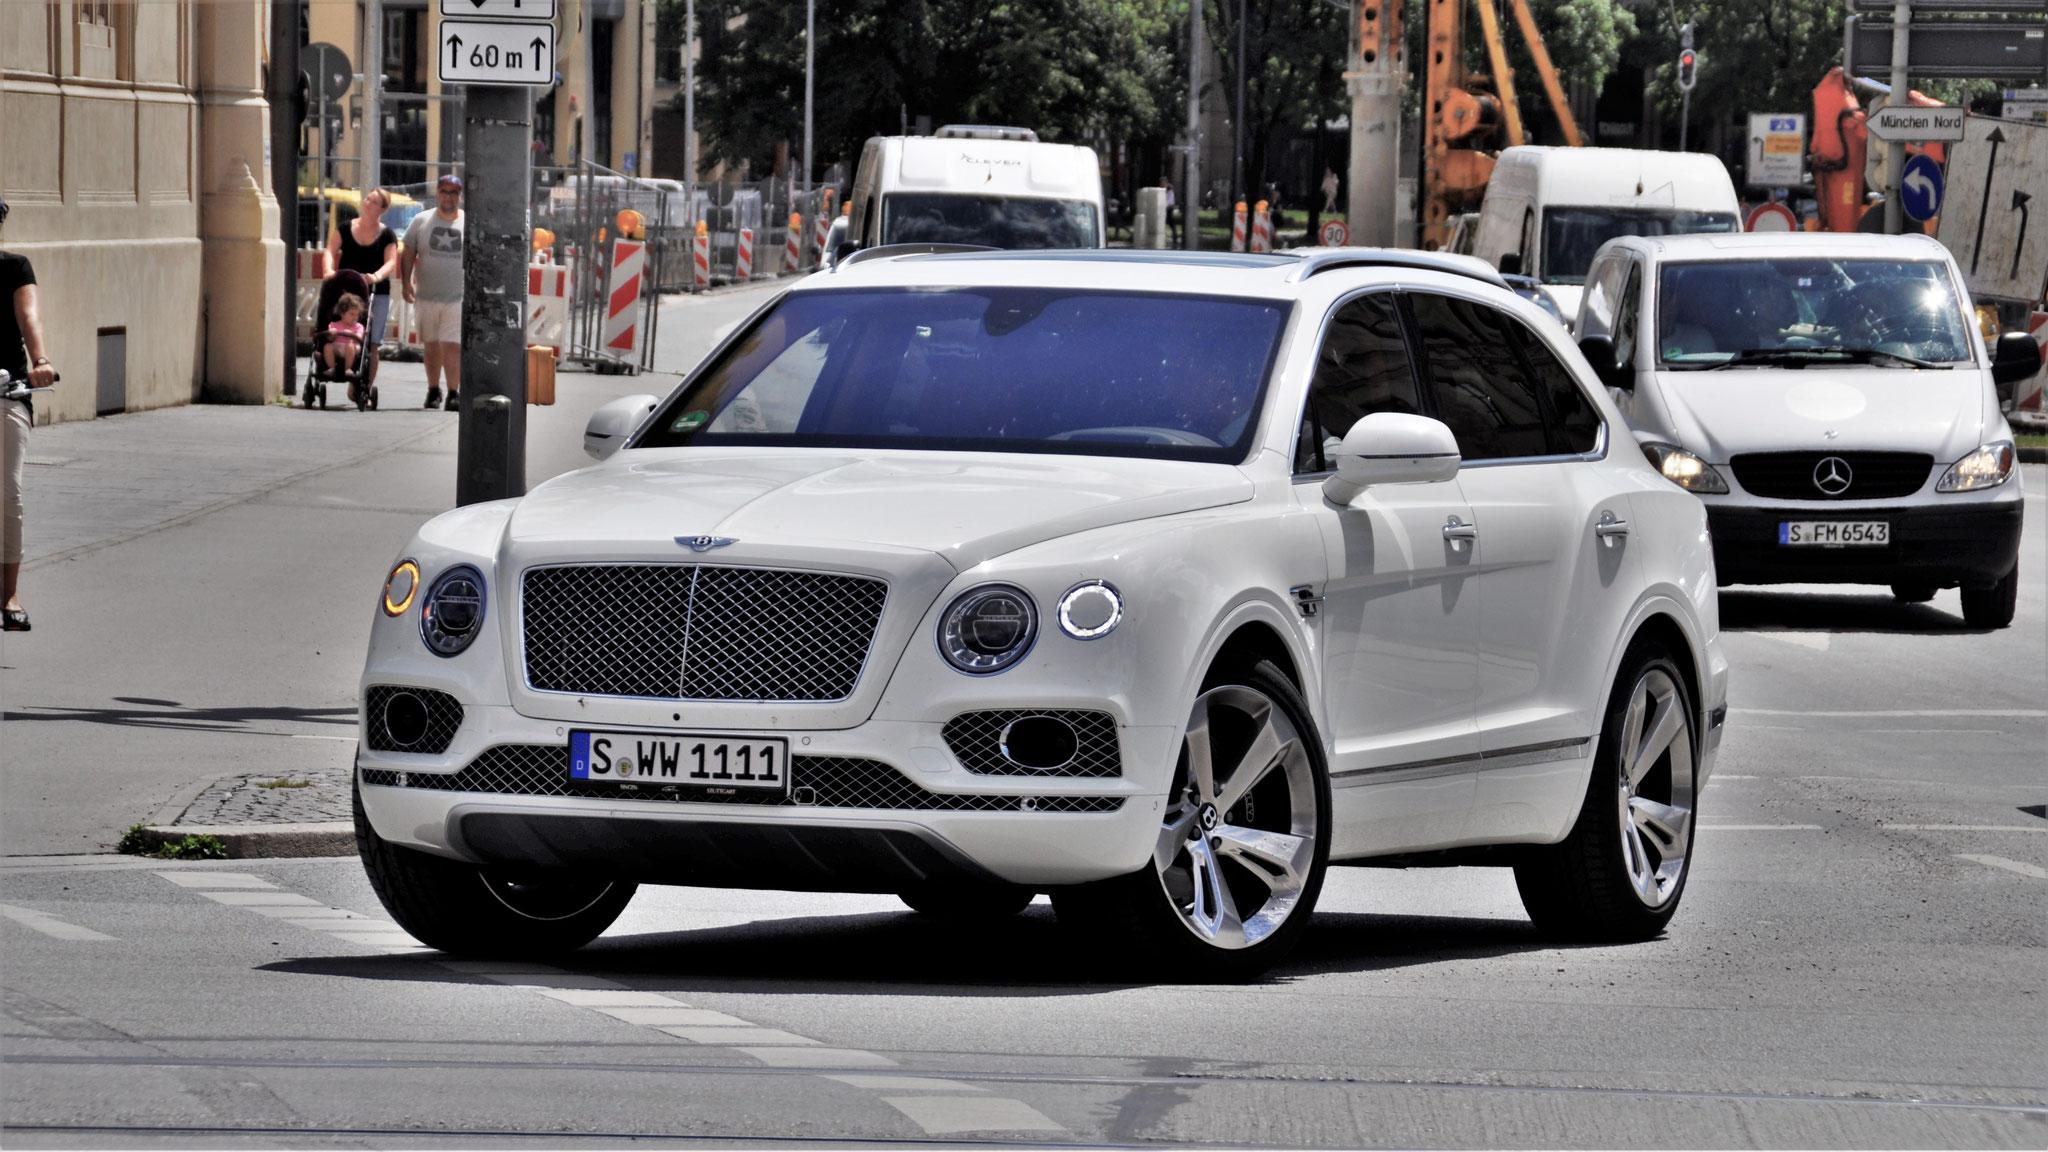 Bentley Bentayga - S-WW-1111